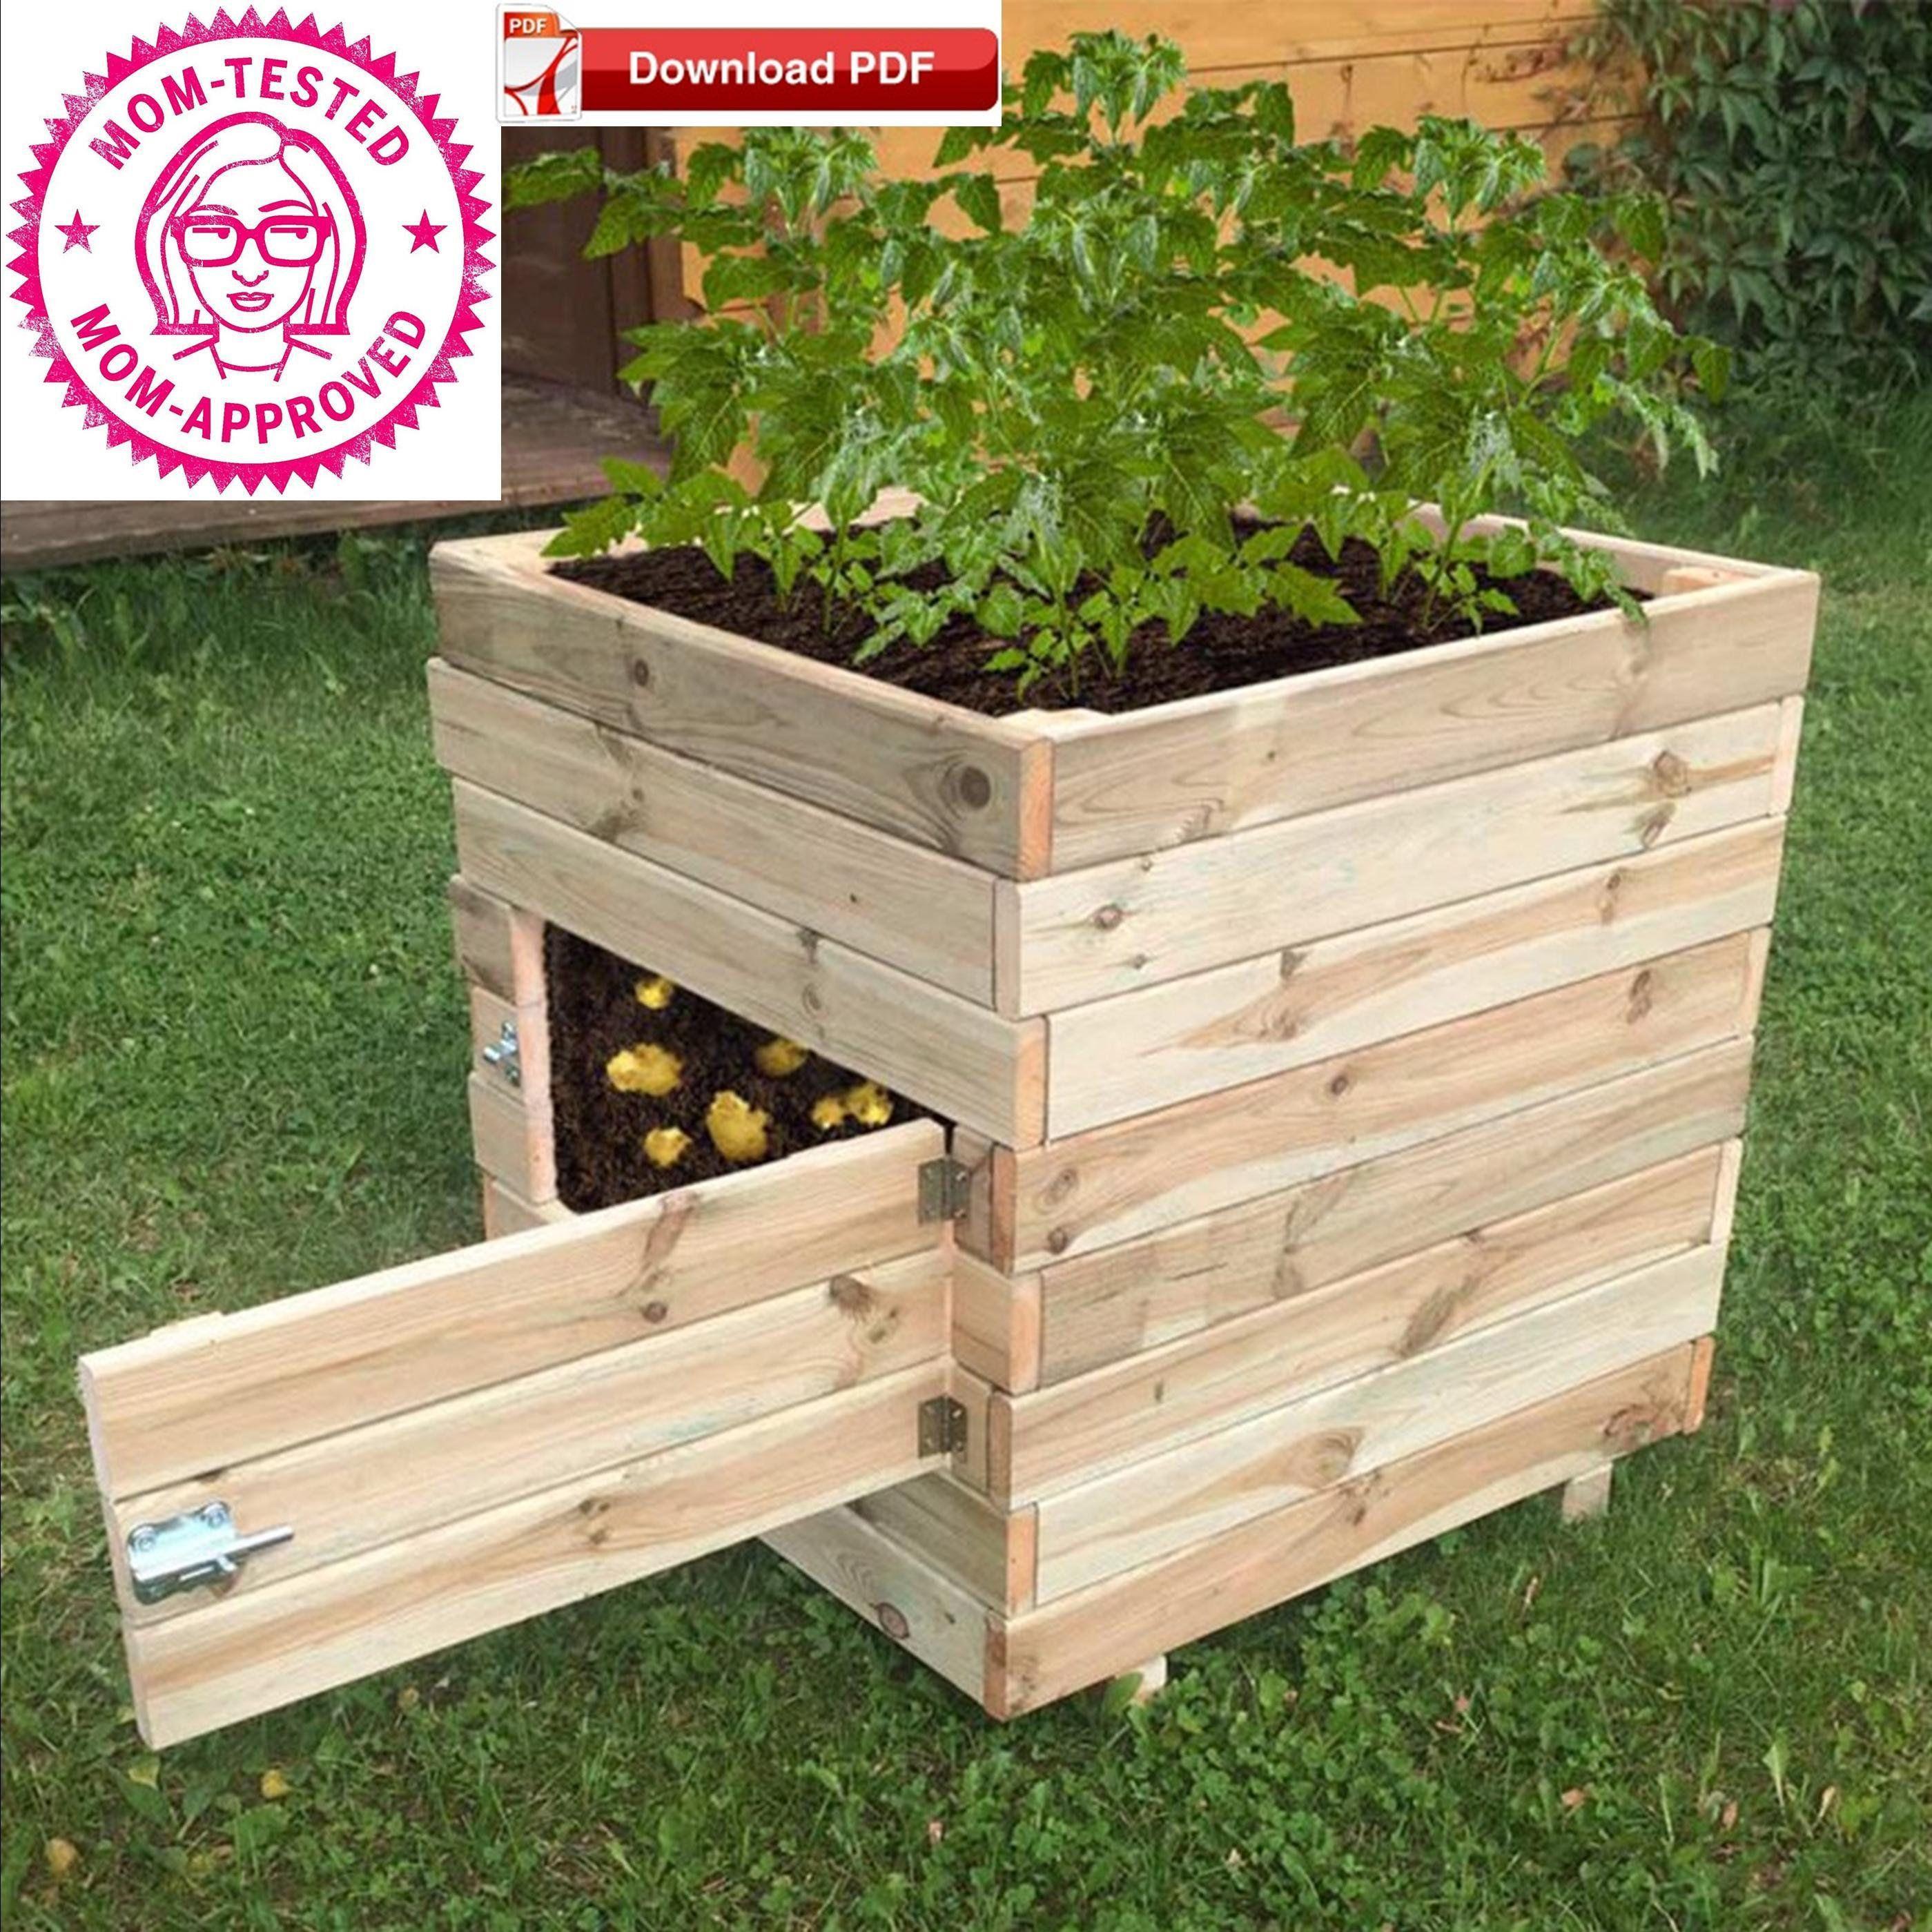 Potato Planter Box Plan Planter Box Plan Pdf Plan Garden Box Plan